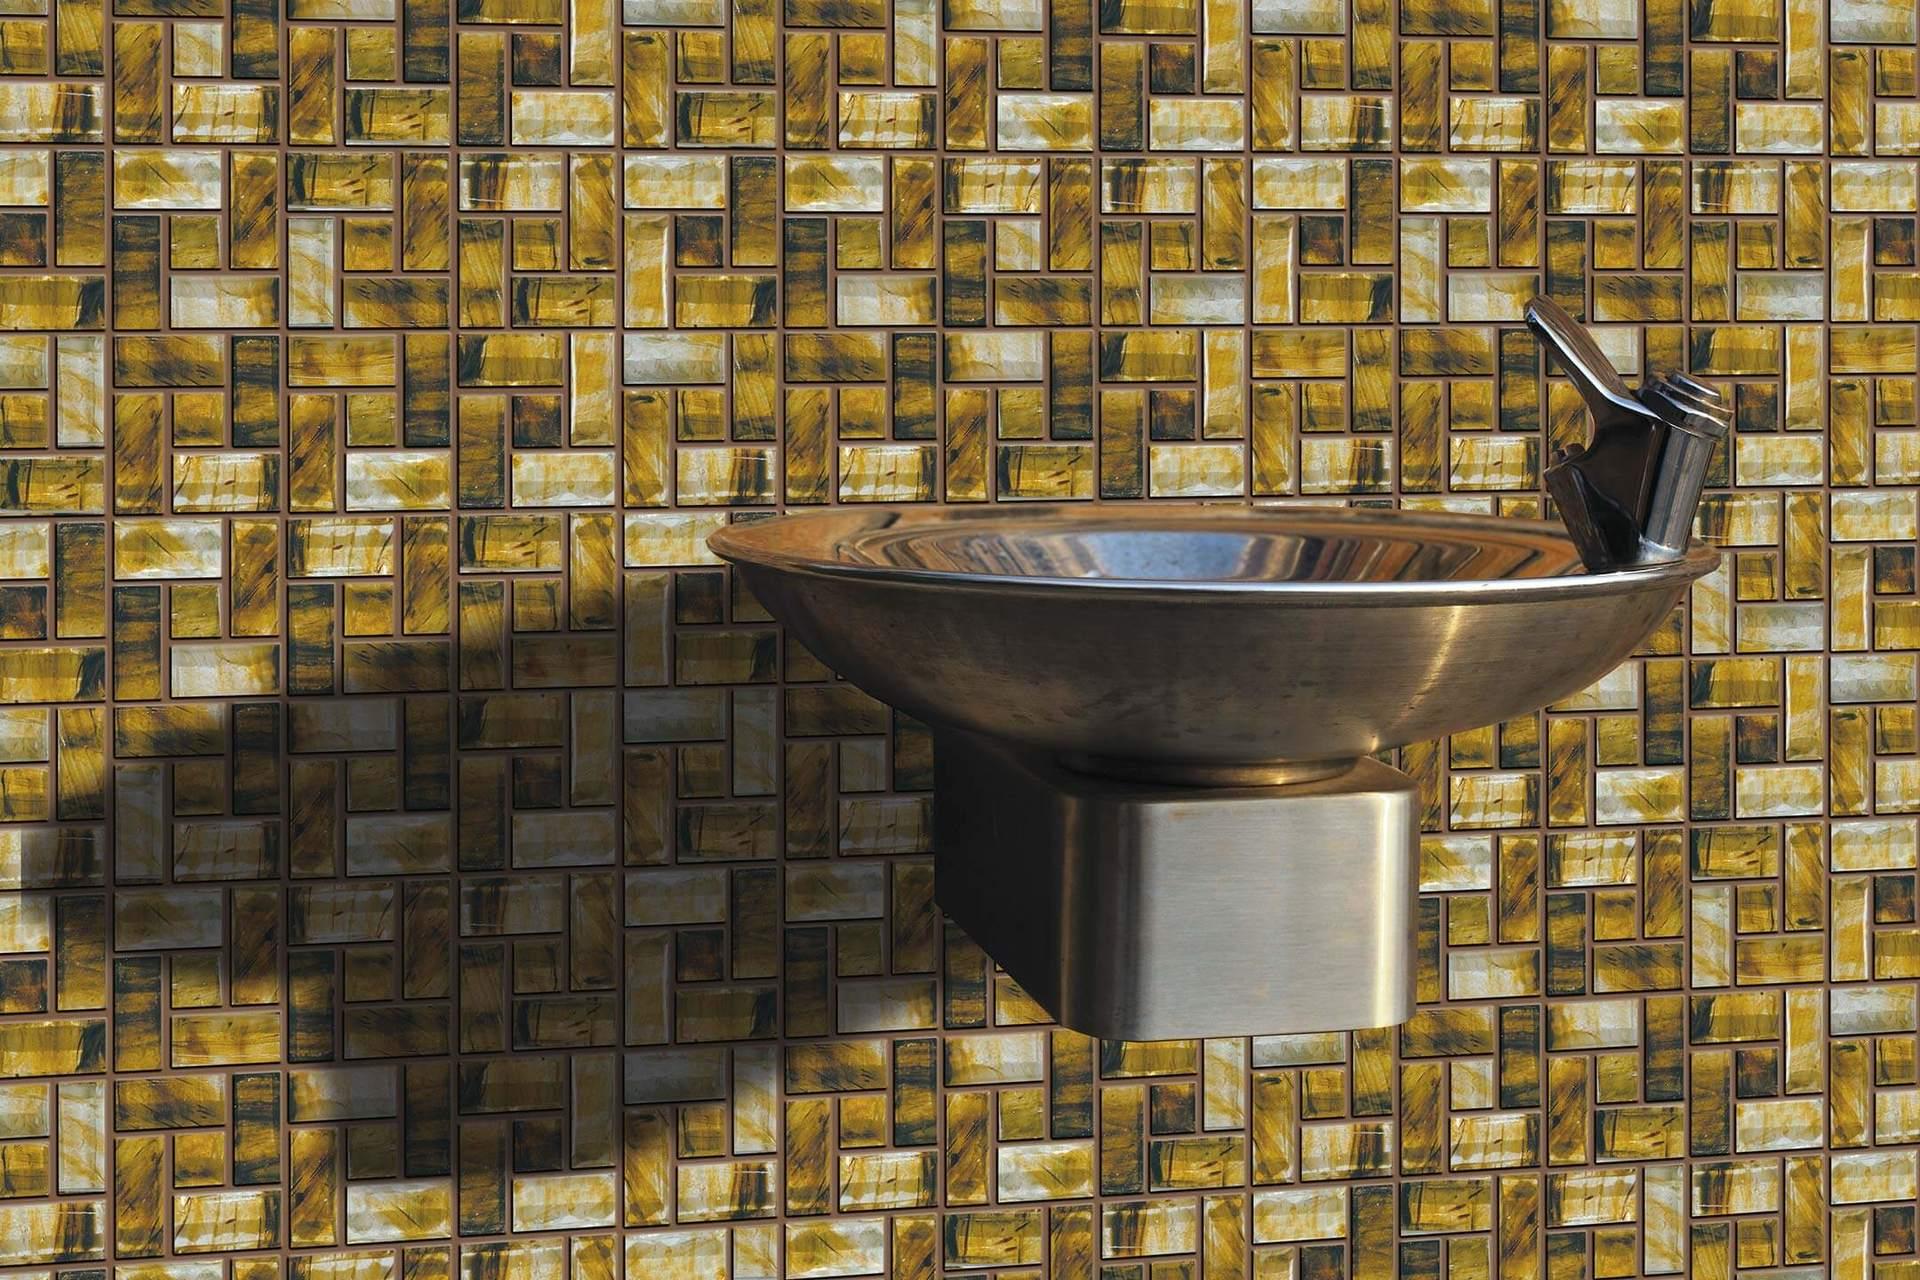 Pinwheel mosaic tiles by Fran-Char